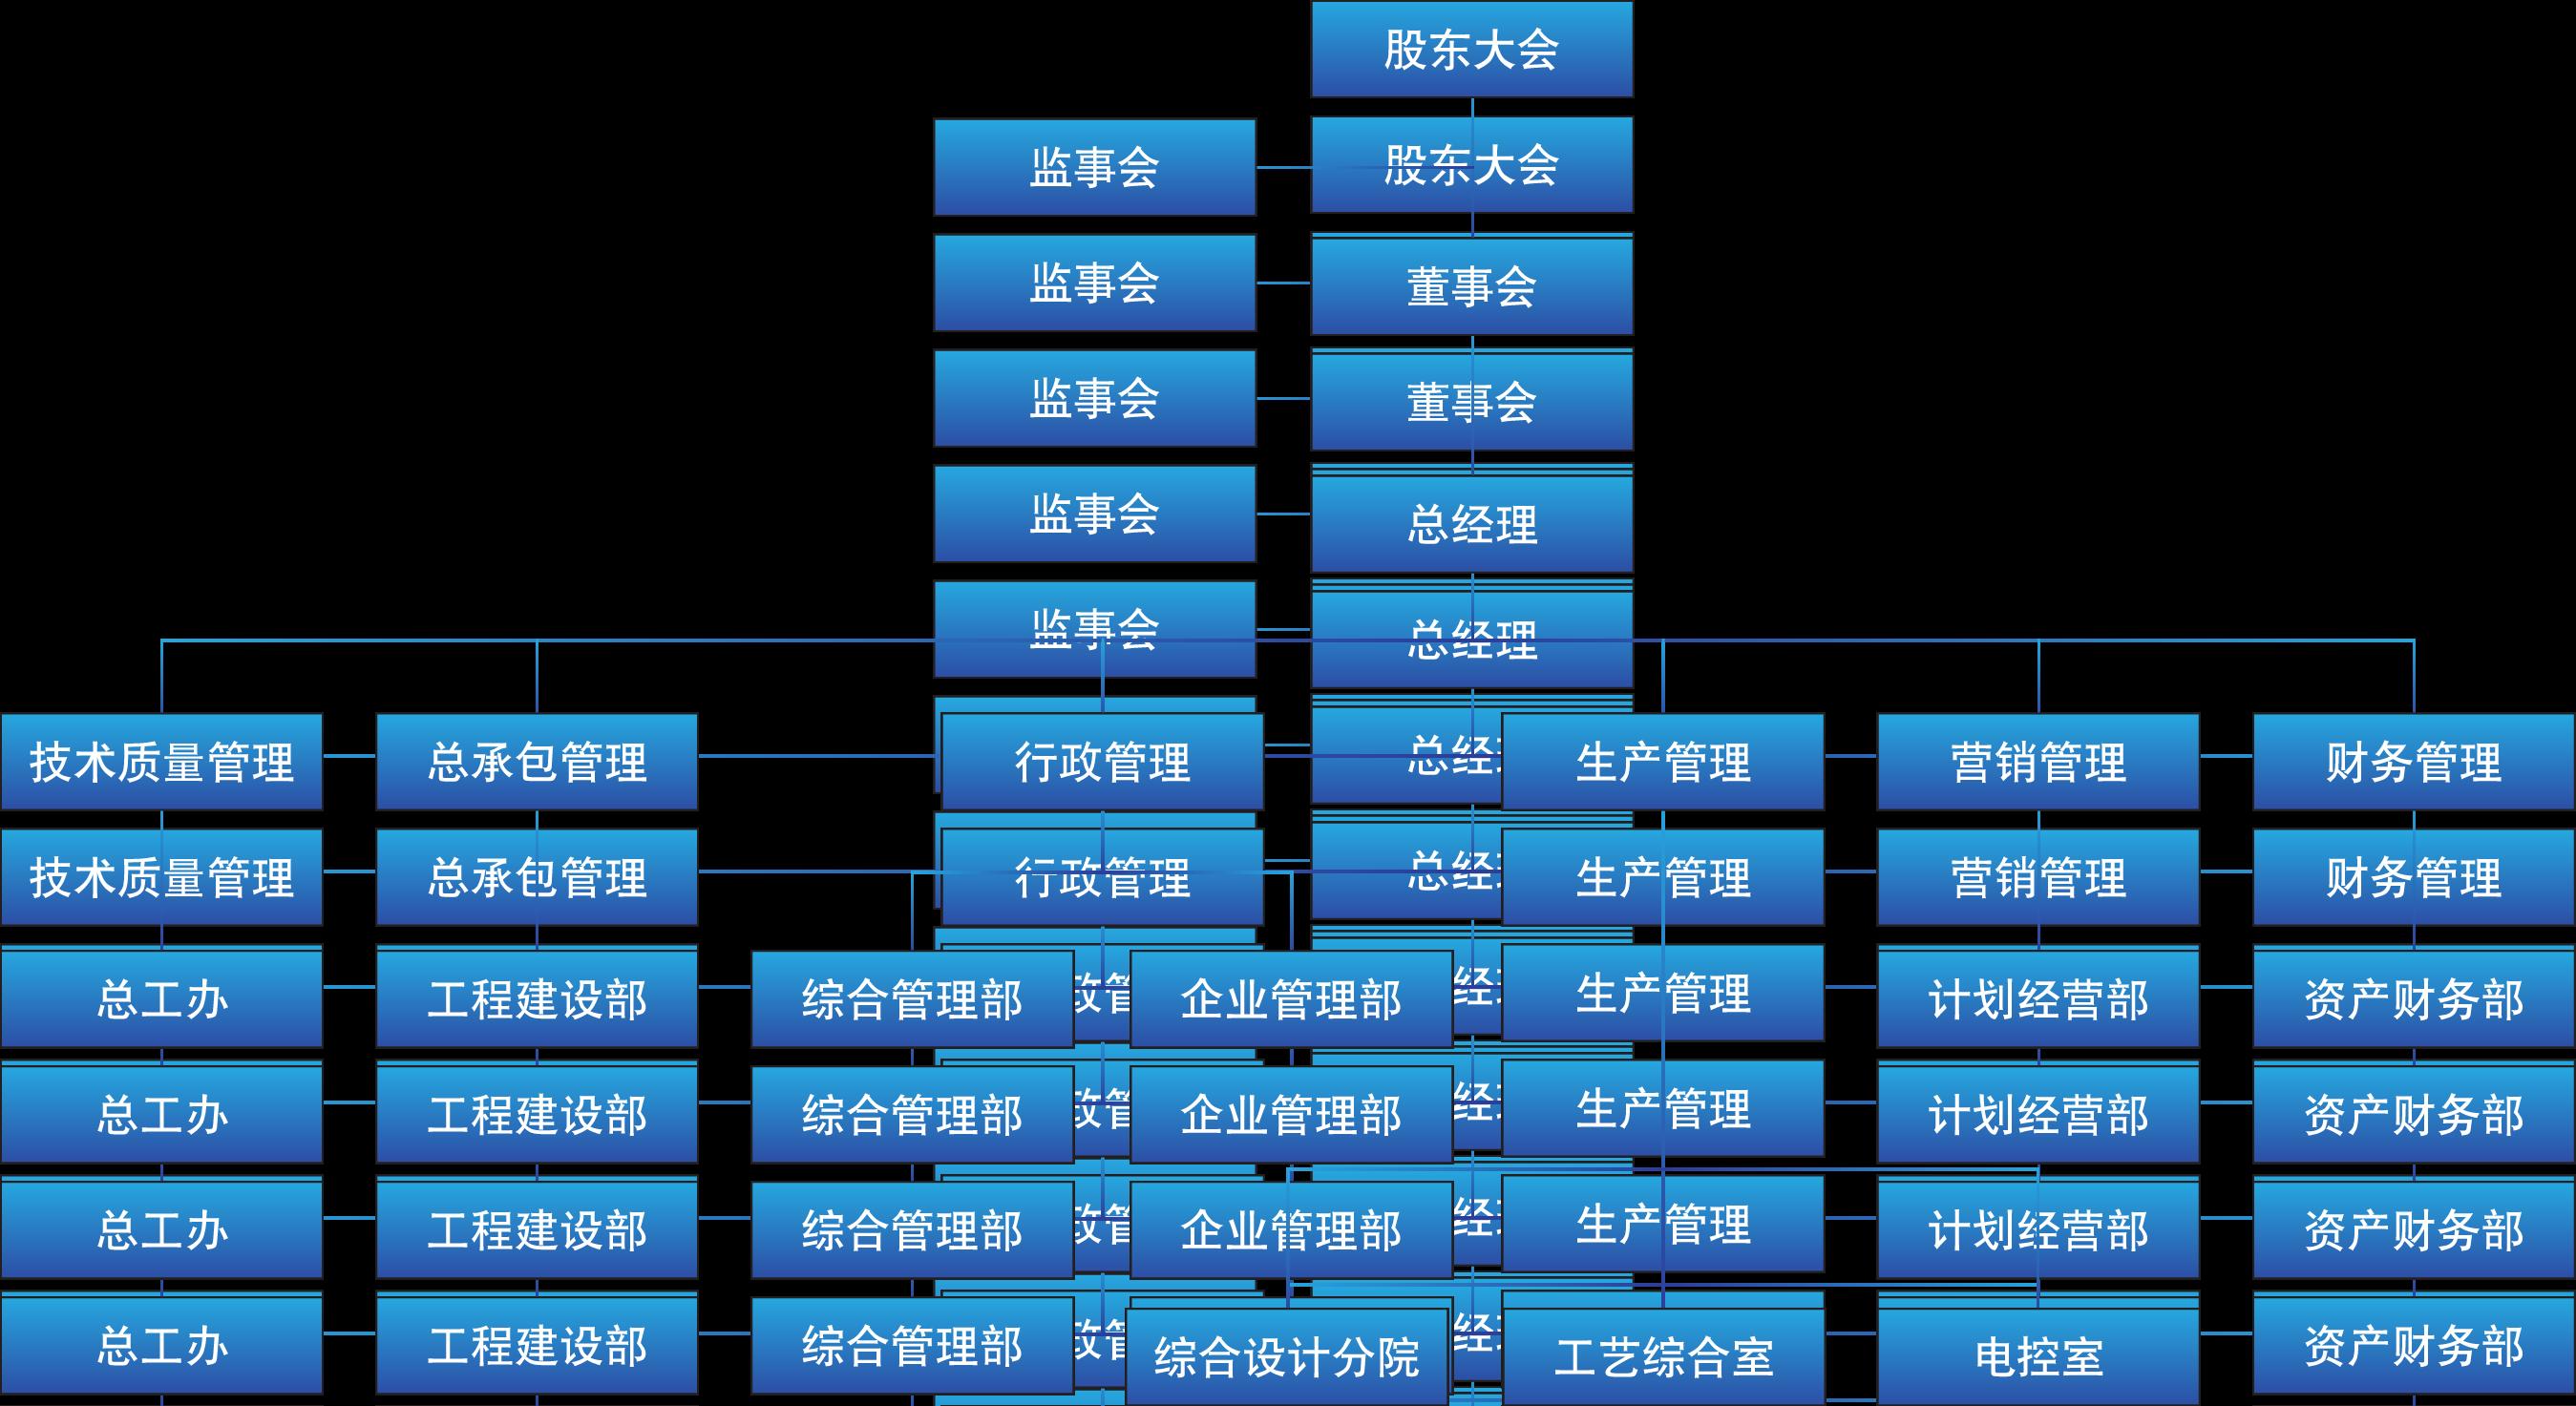 组织机构图2019.9.11